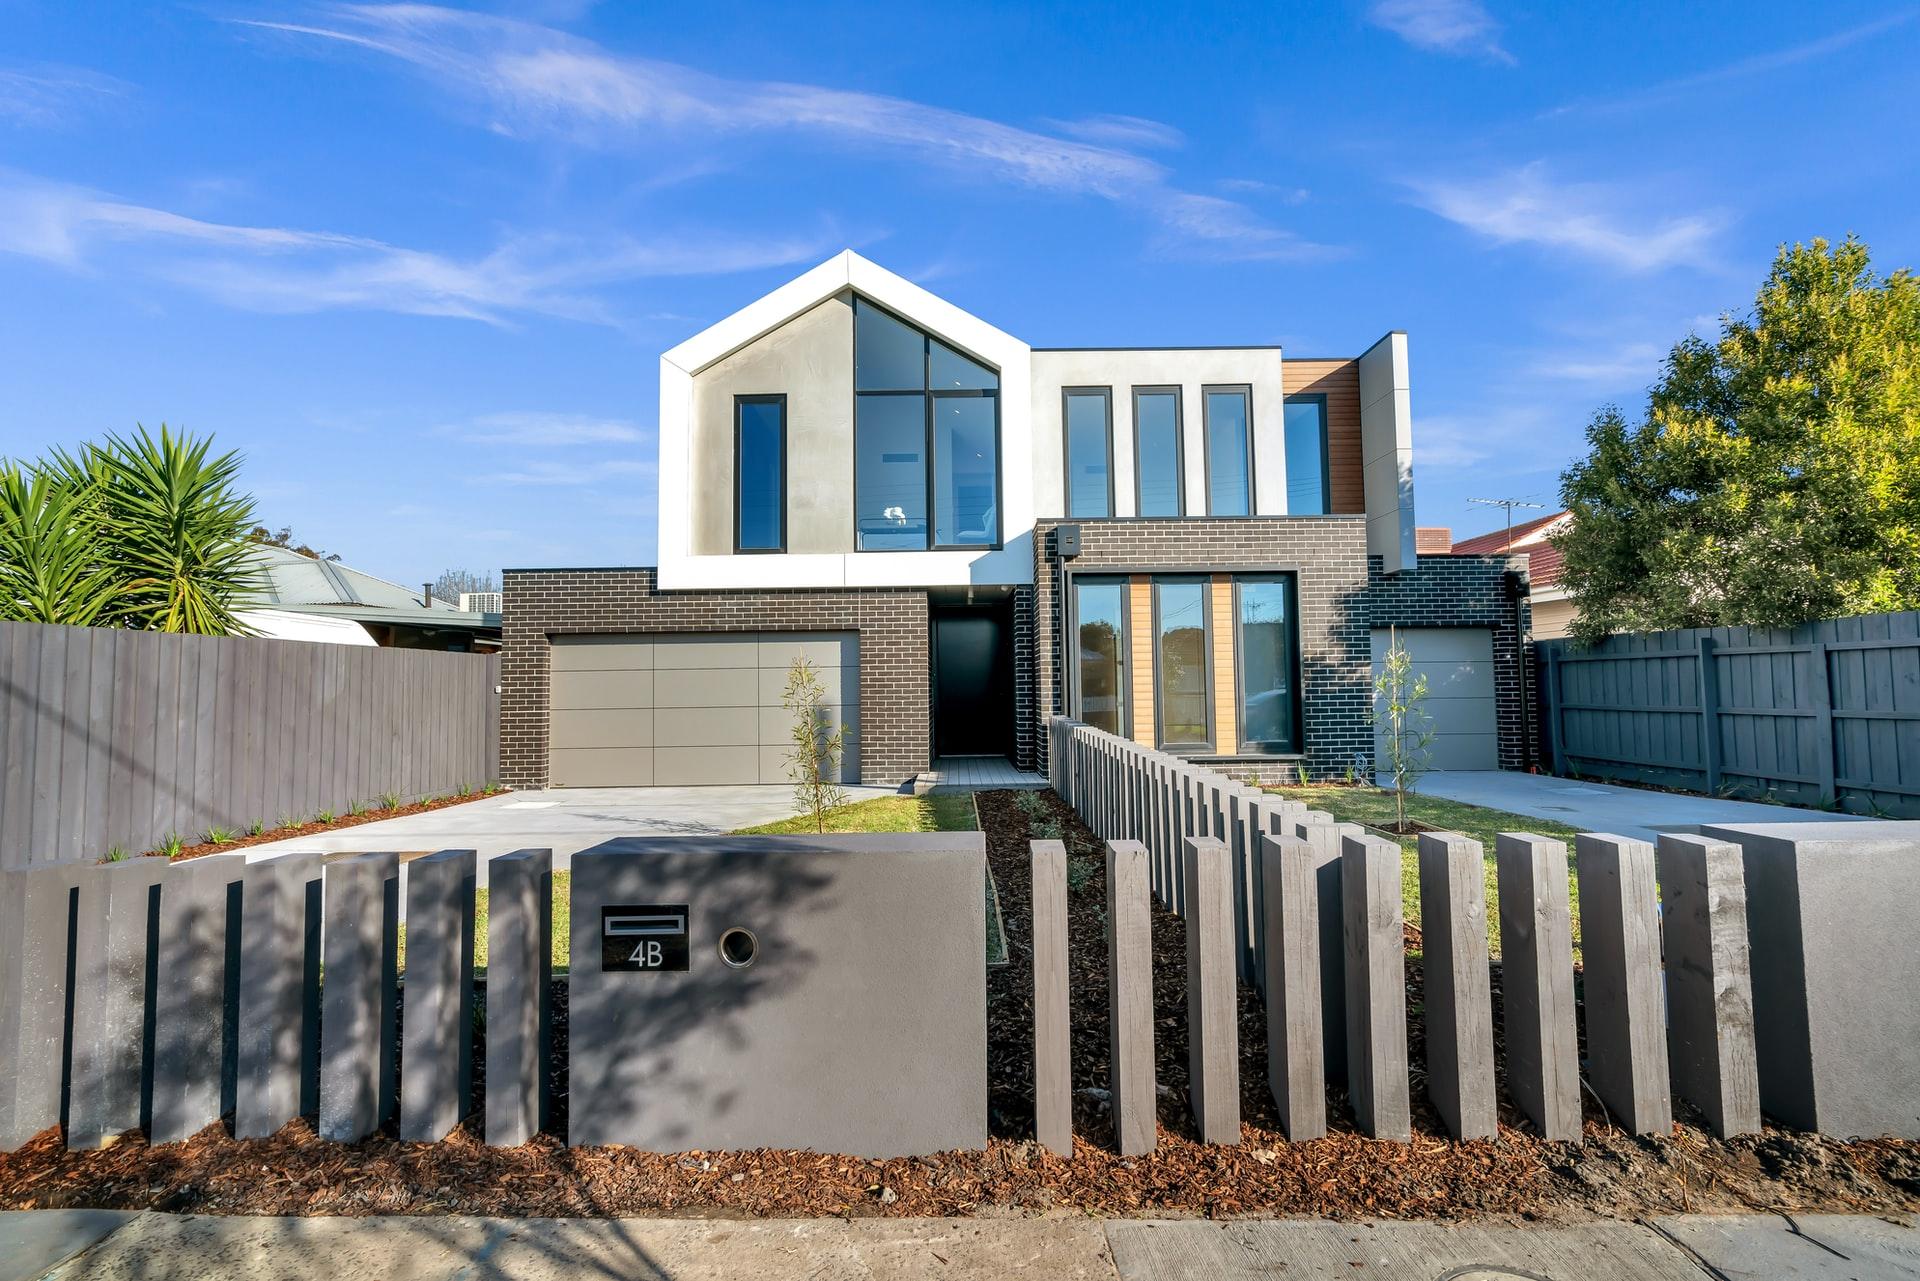 Haus mit Betonzaun